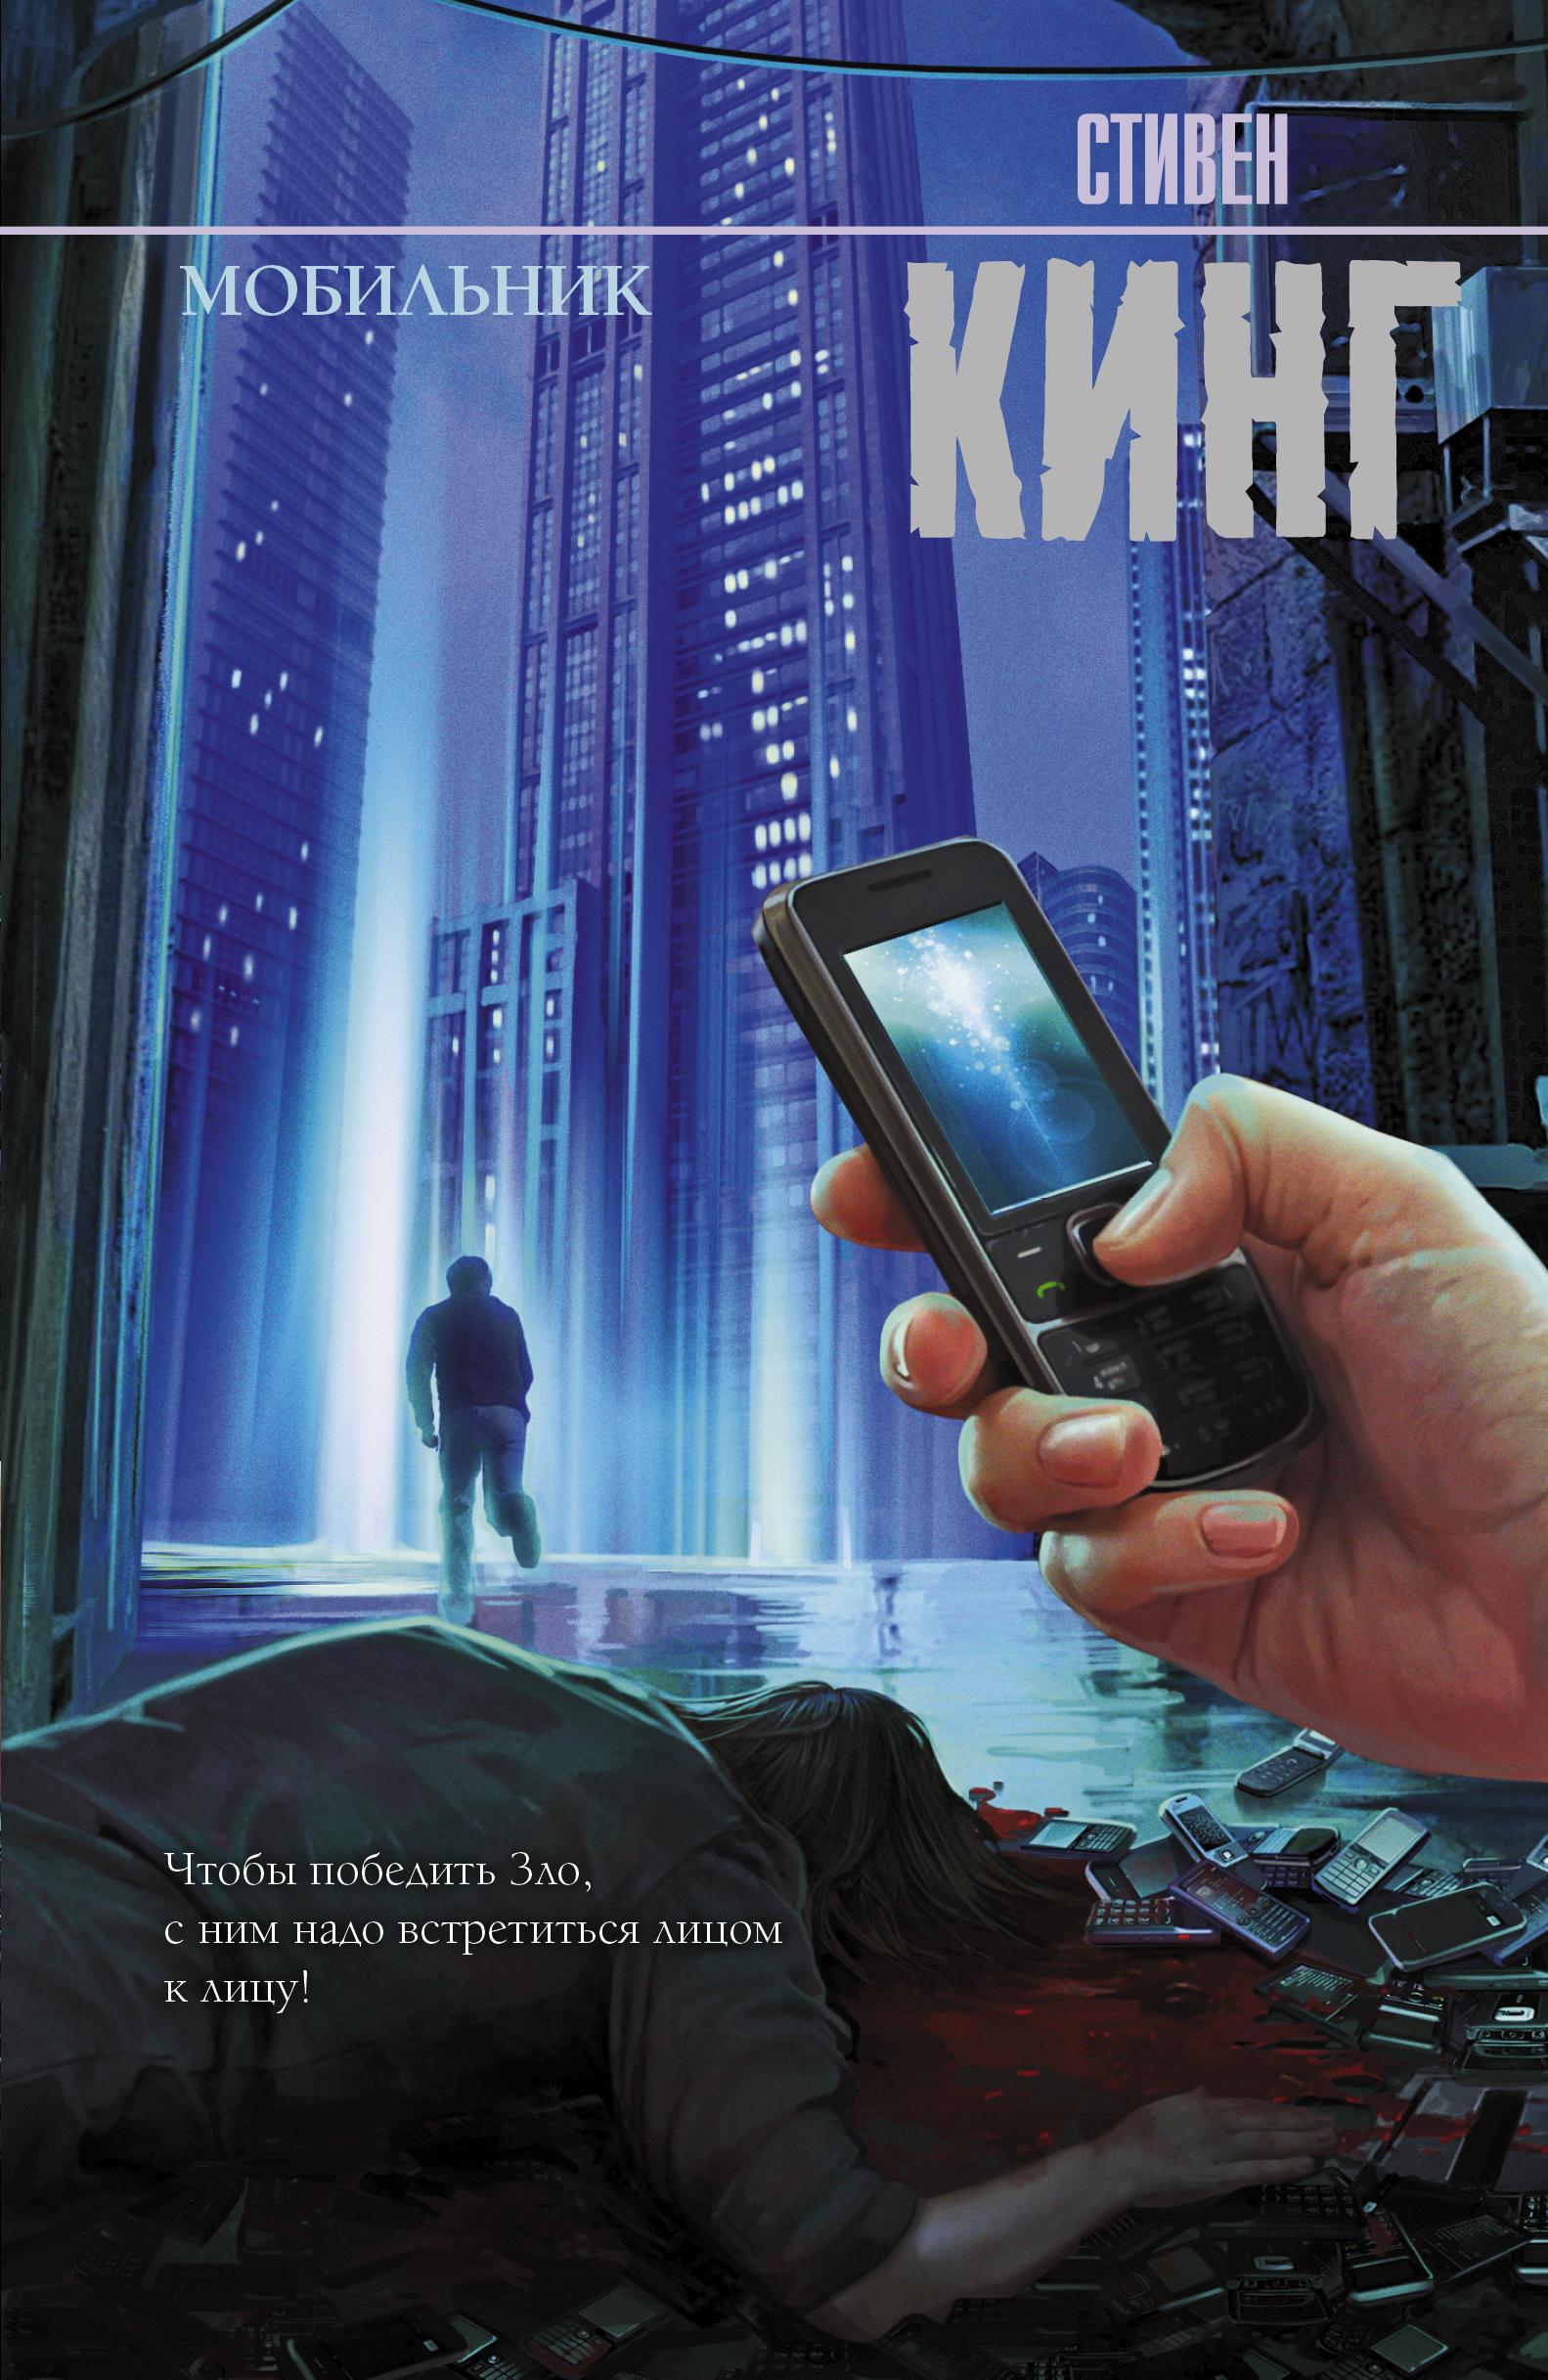 Кинг С. Мобильник сотовые стационарные телефоны мк303 gsm в кривом роге